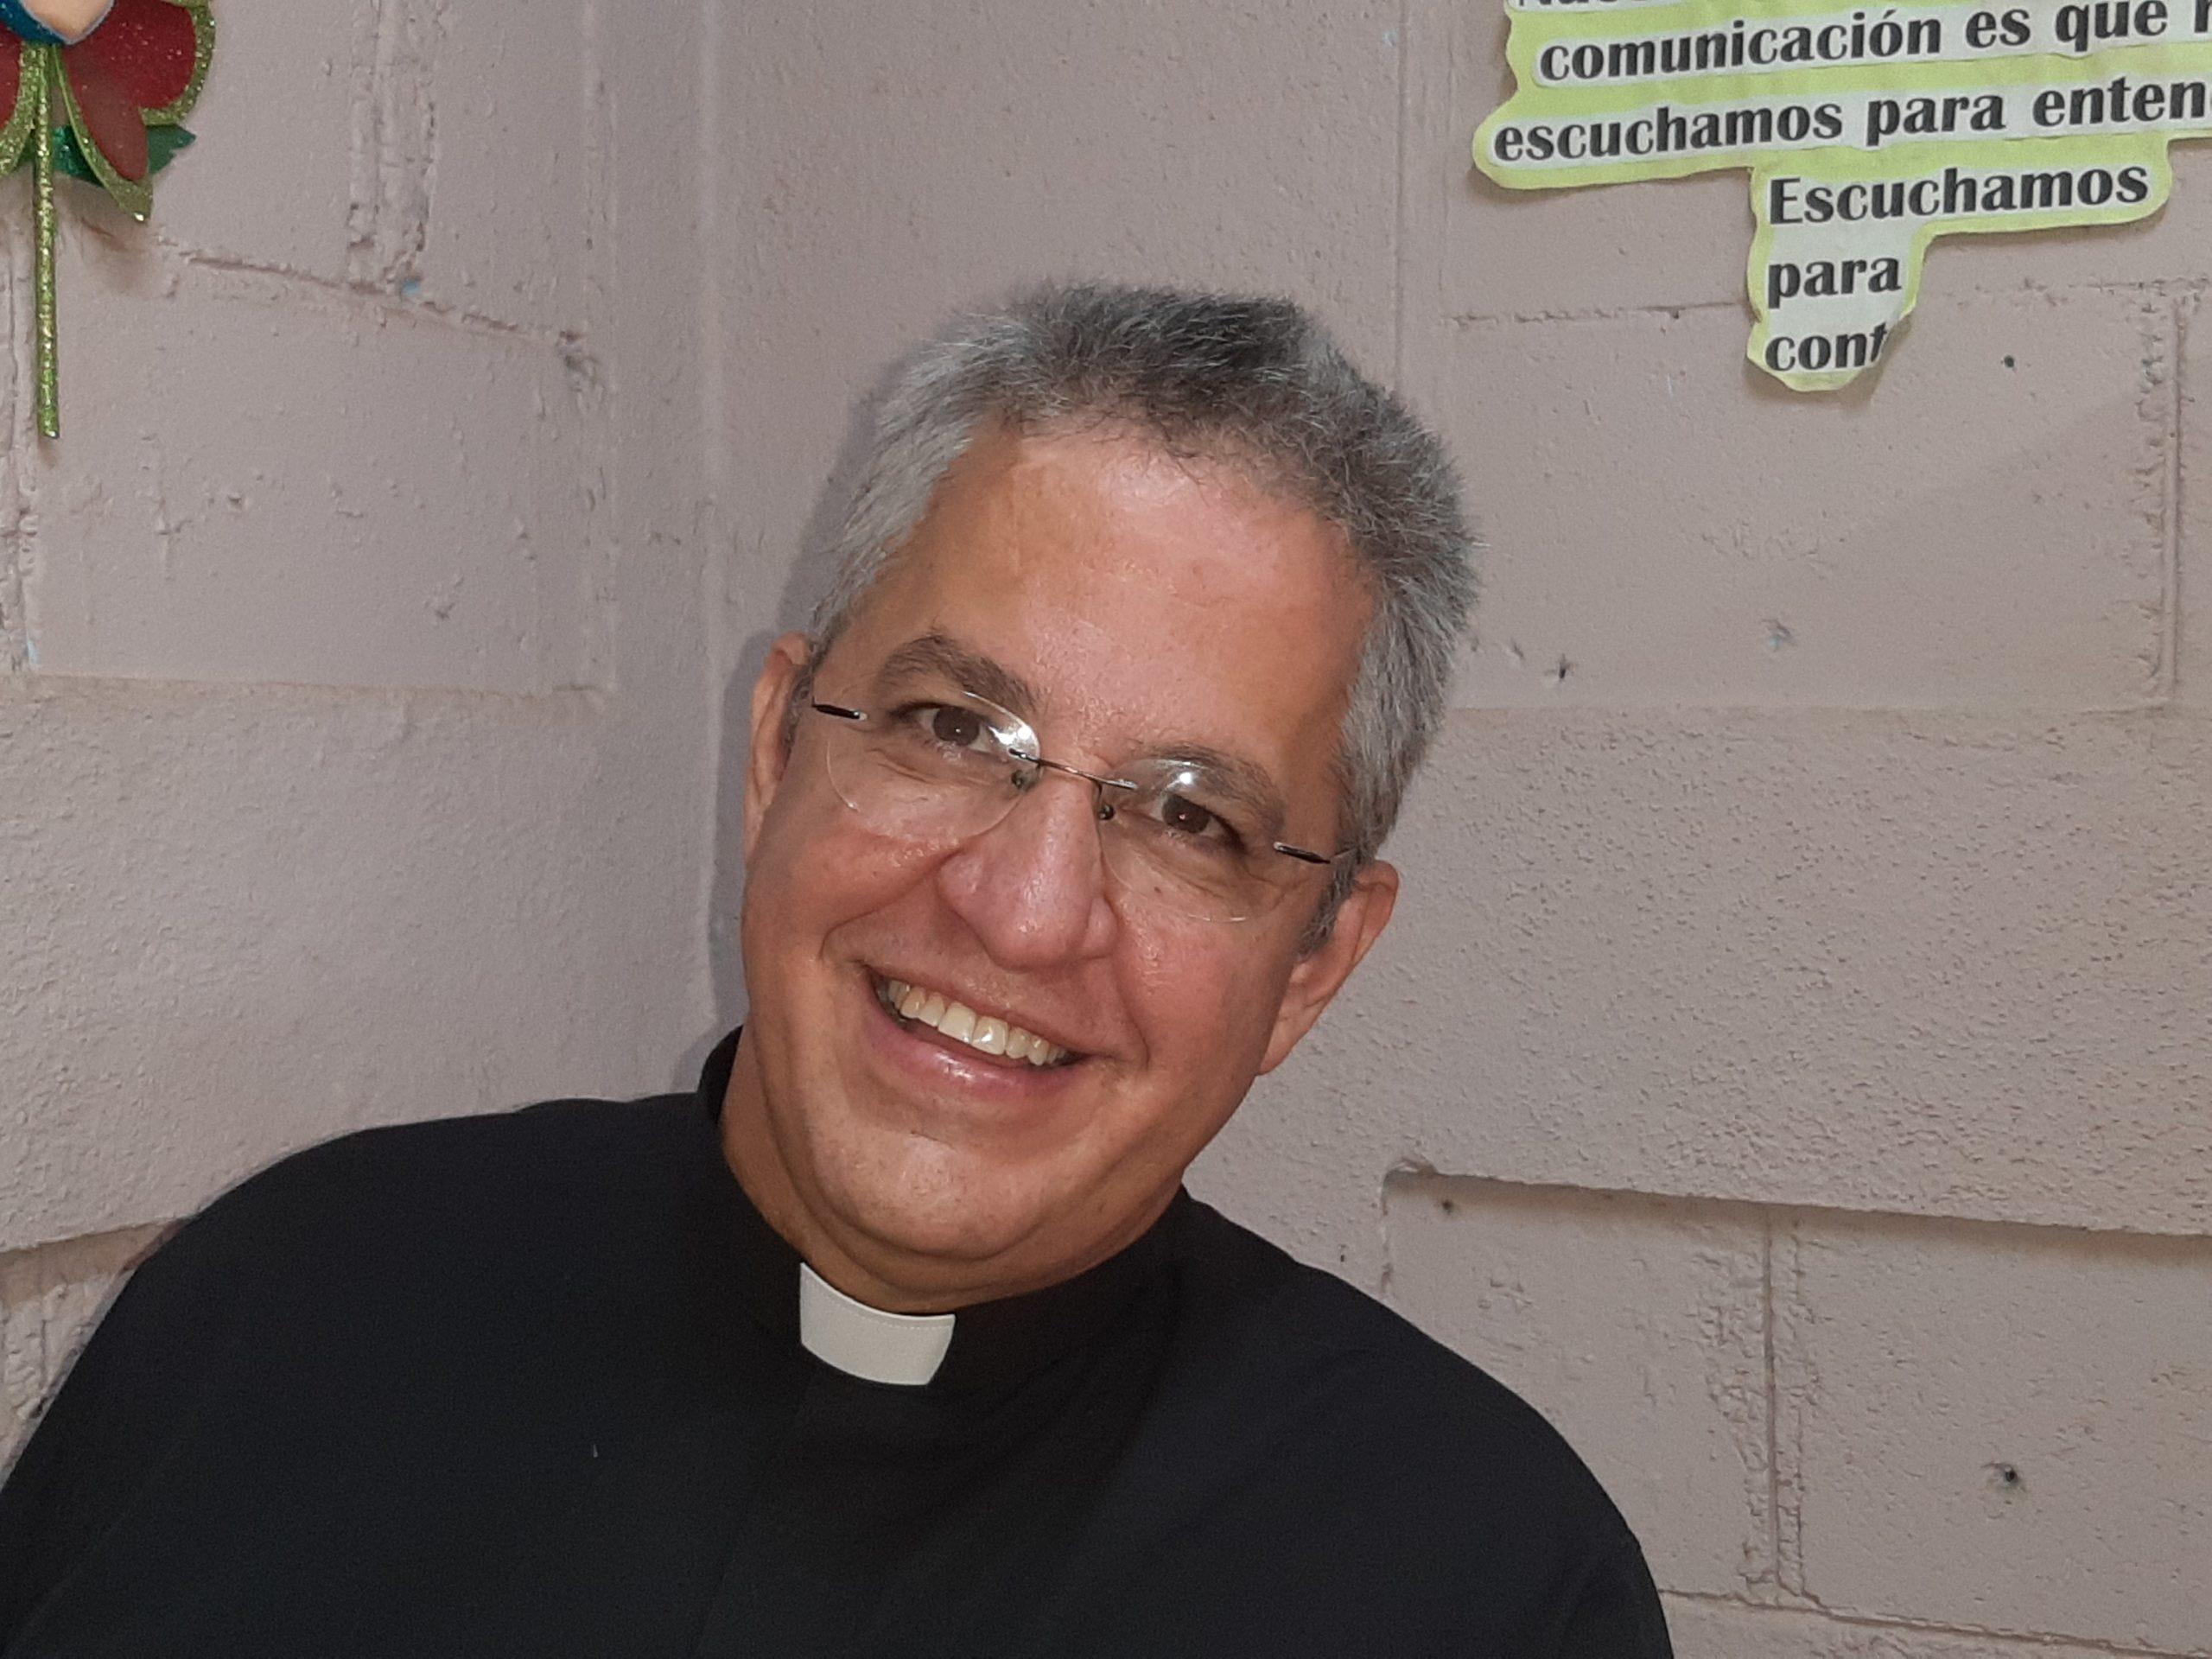 Monseñor Miguel Mántica, presidente de Fundación Nueva Vida, que apadrina el Colegio San Martin de Porres, en Nueva Vida, Ciudad Sandino